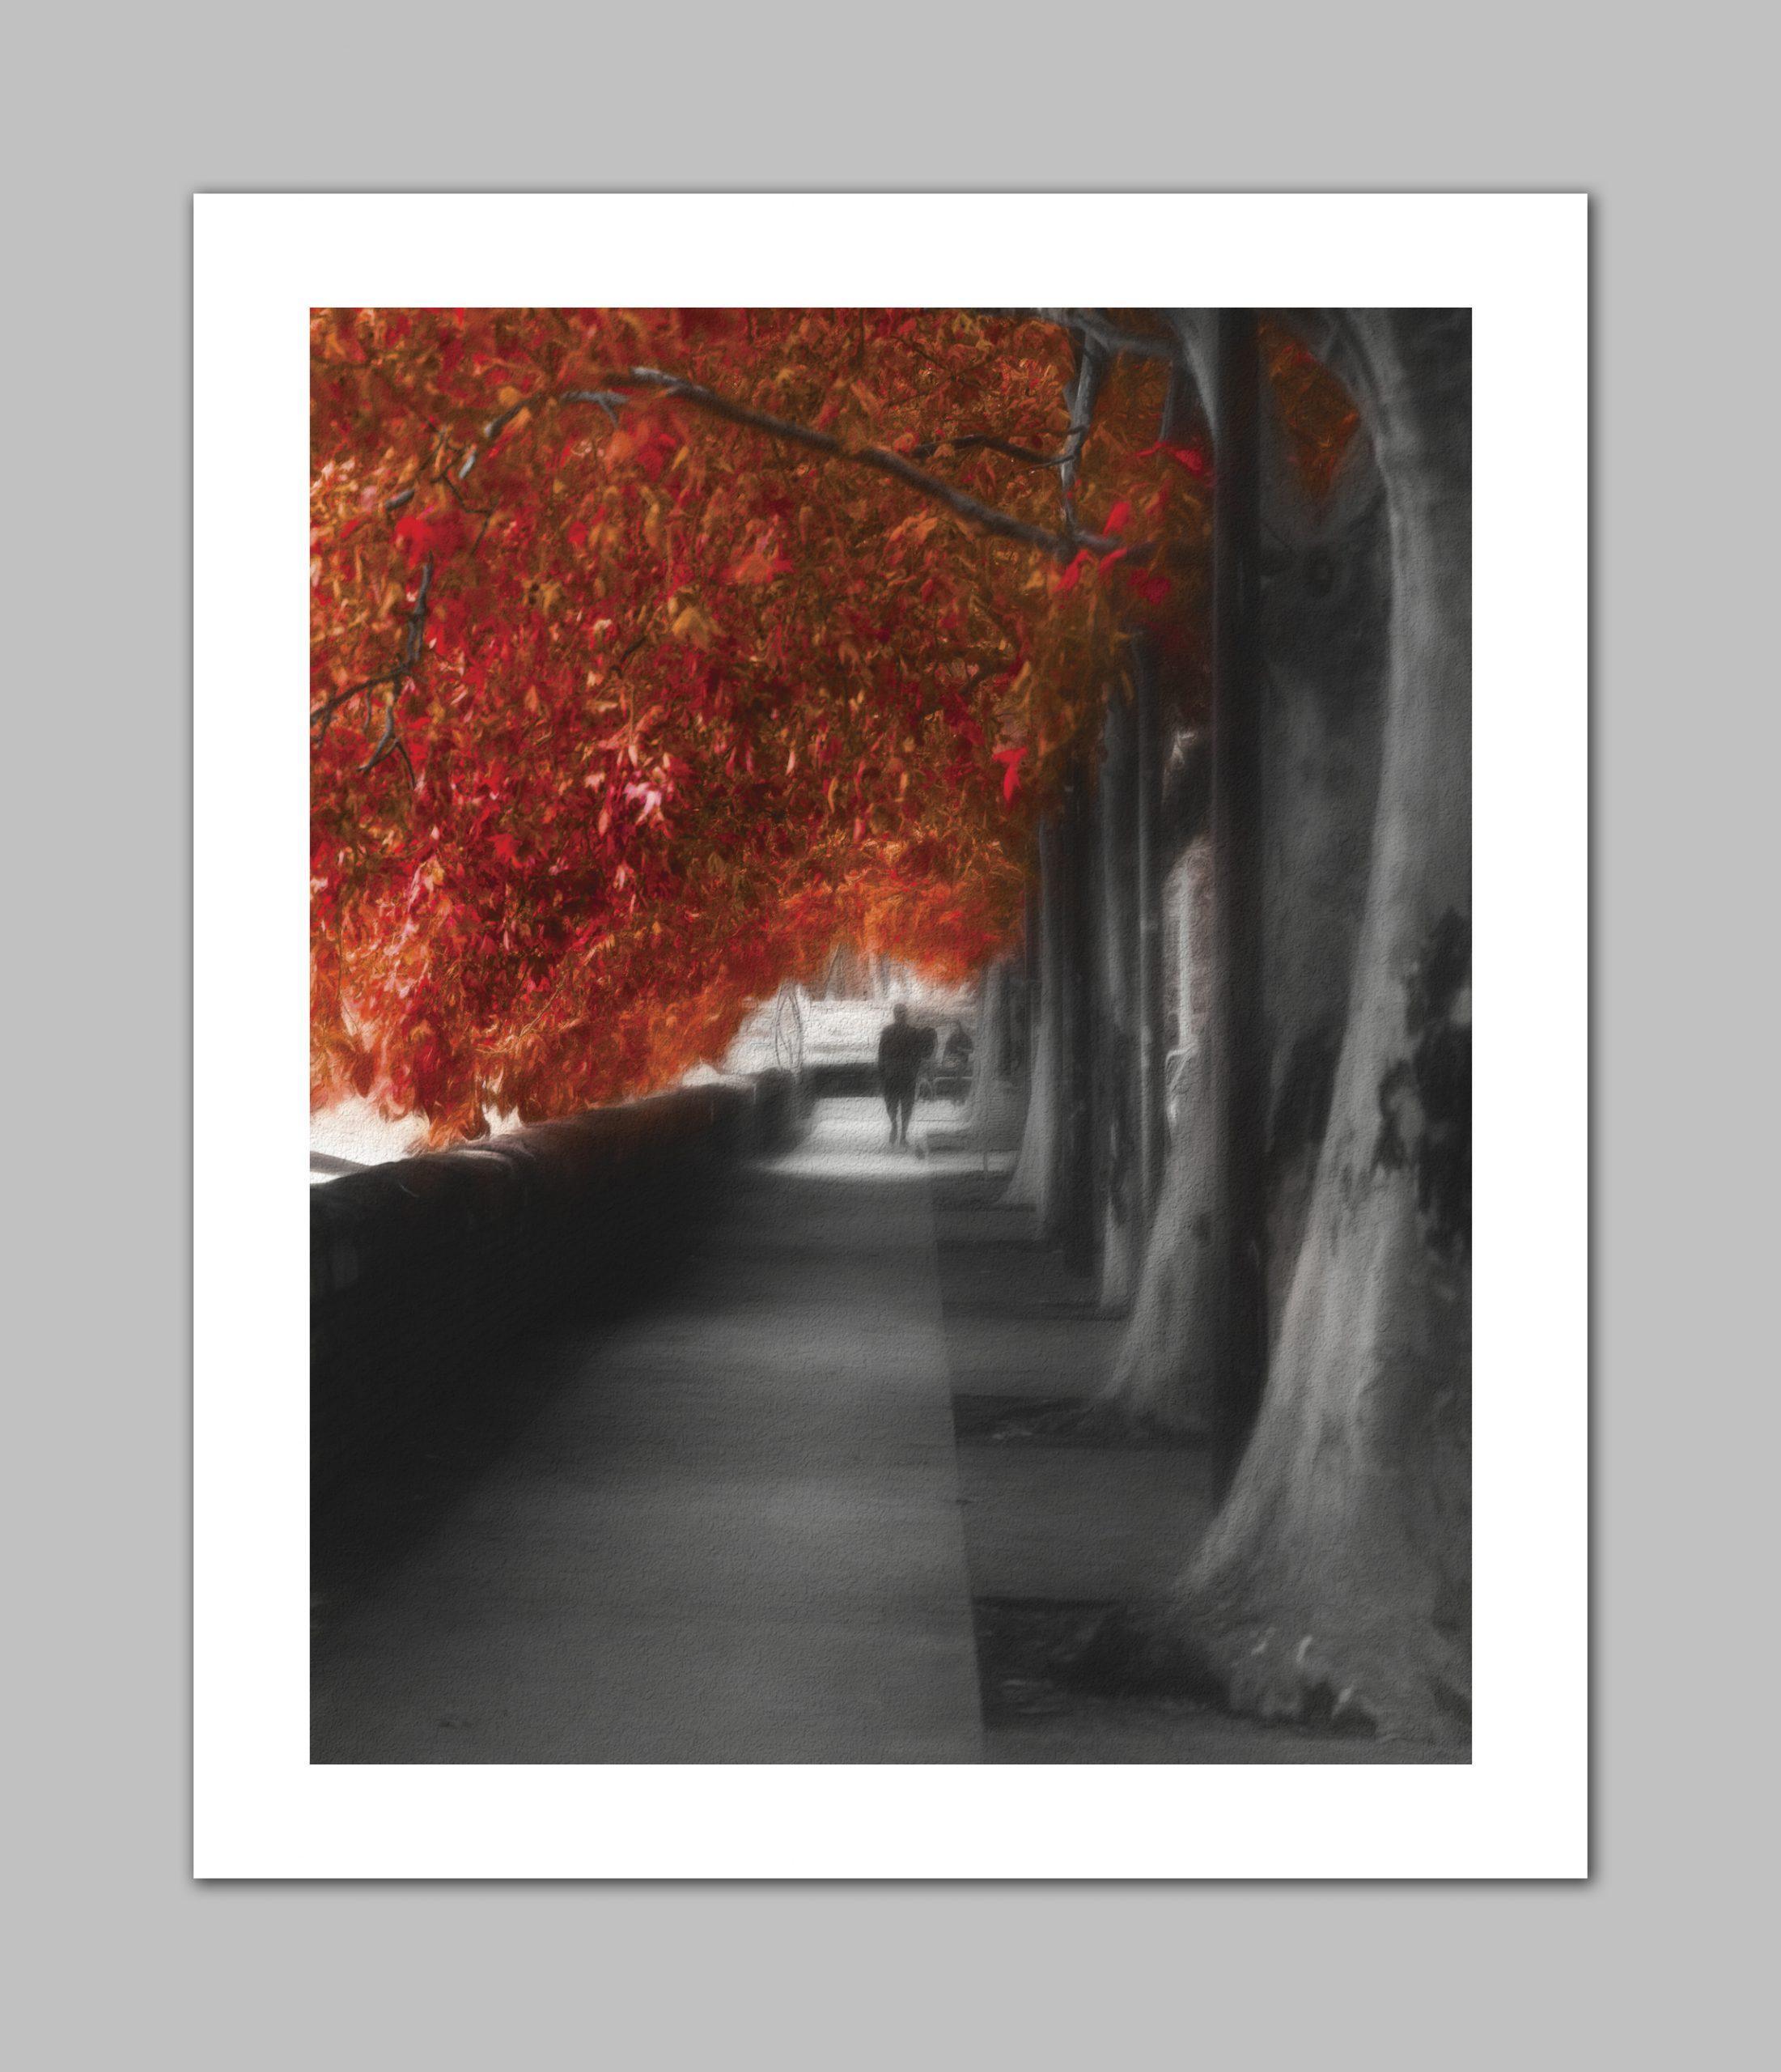 Autumn Promenade - Erik Brede